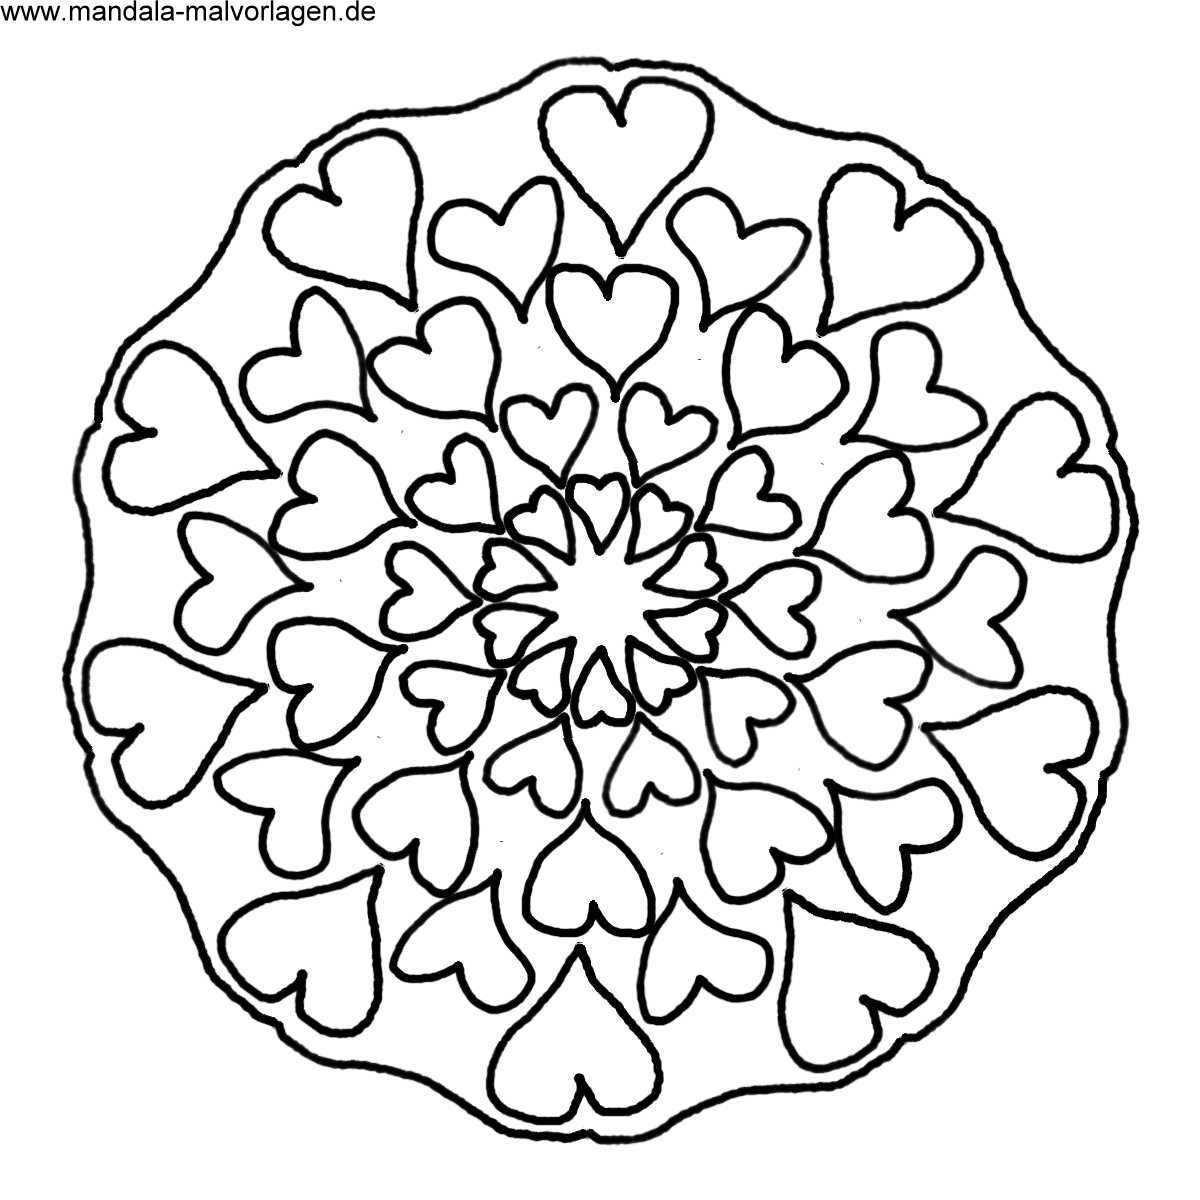 Herzen Mandala Malvorlage Jpg 1200 1200 Mandala Coloring Drawings Blank Coloring Pages